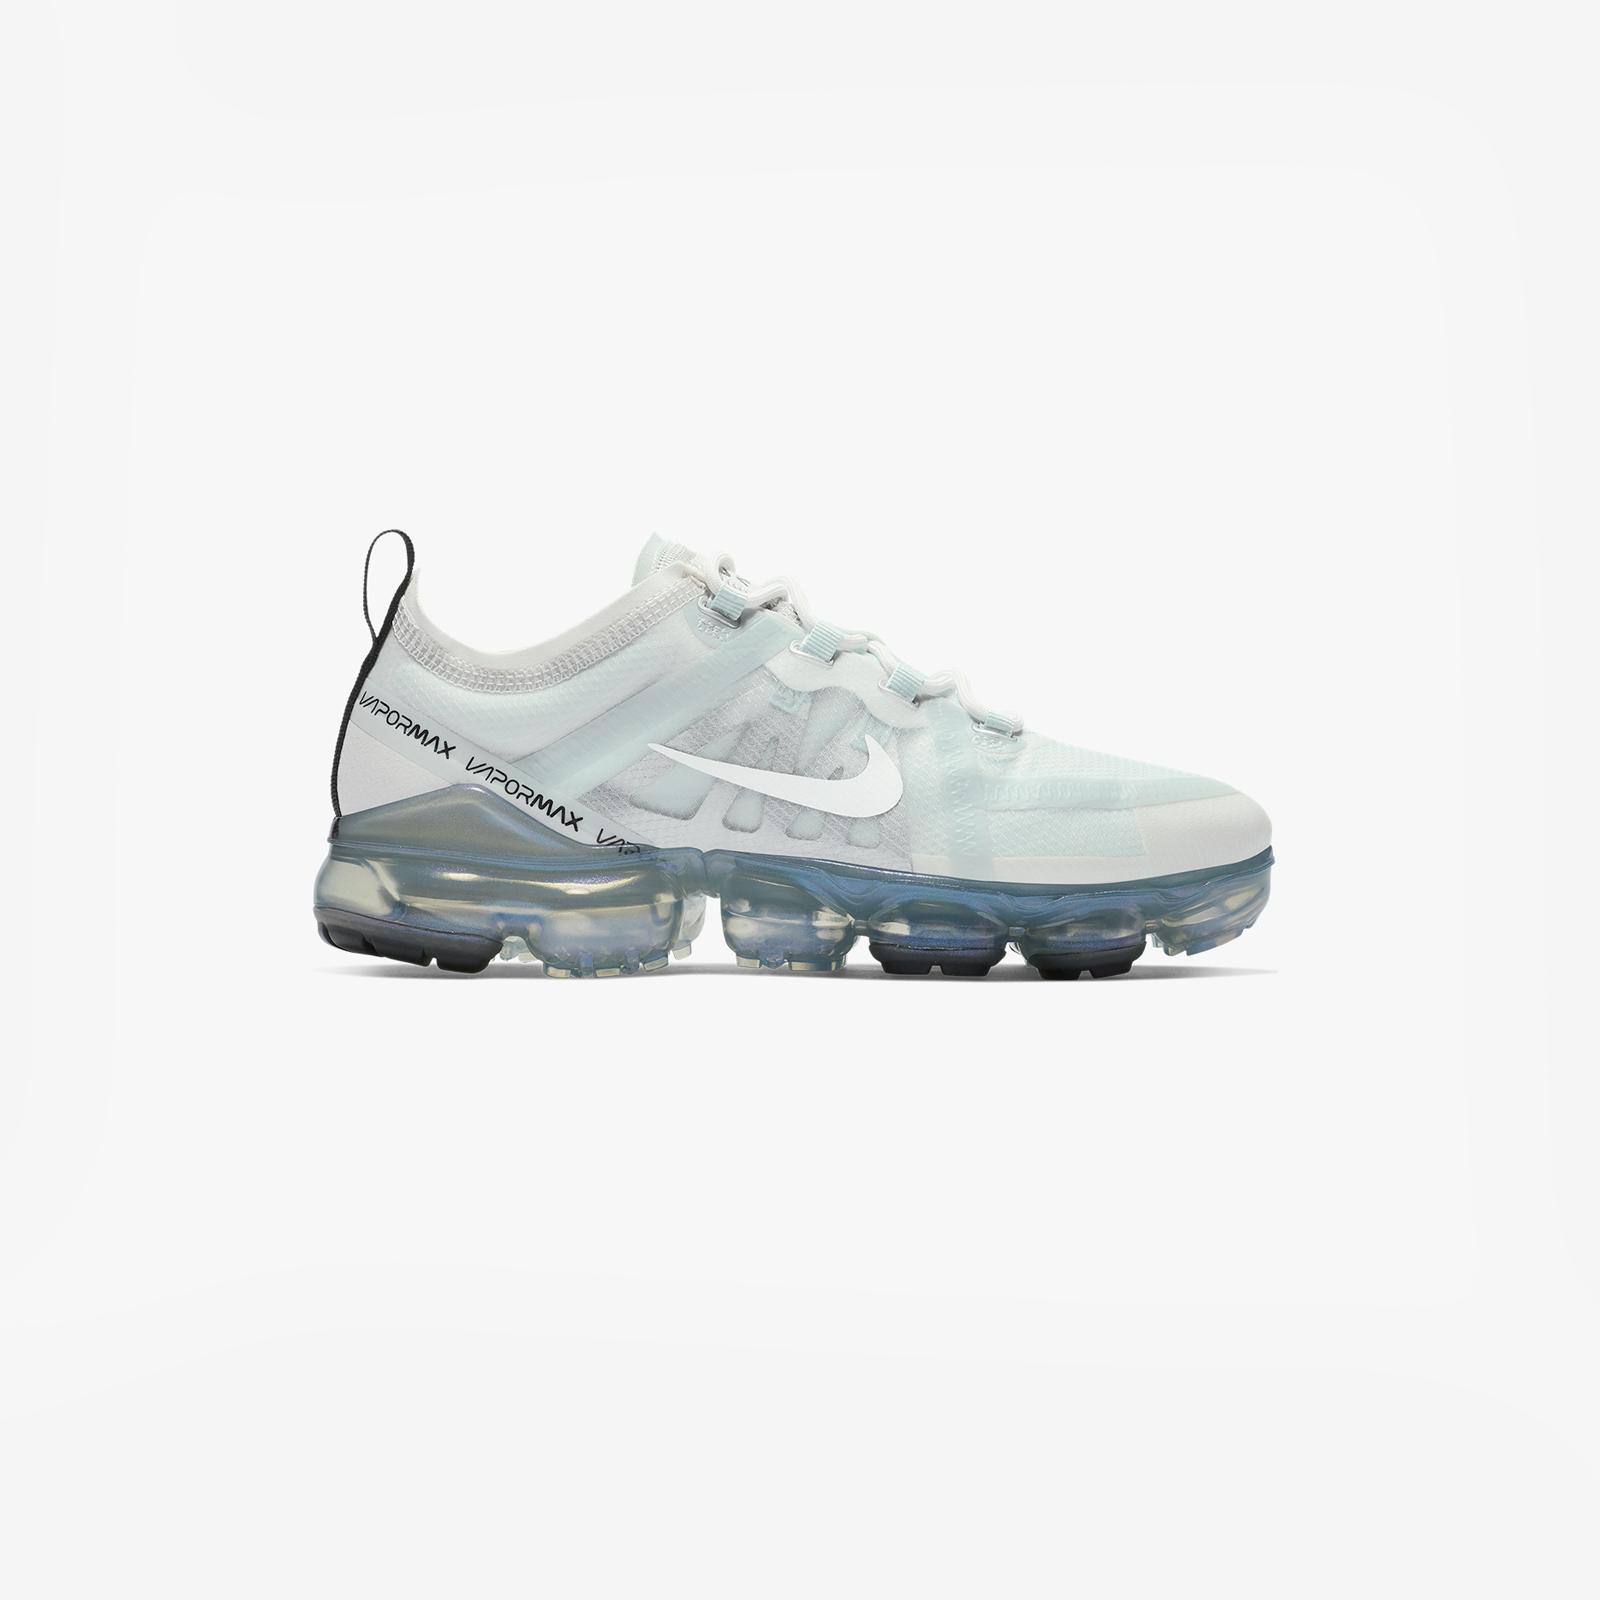 buy online e1d6b 55e69 Nike Wmns Air Vapormax 2019 - Ar6632-403 - Sneakersnstuff ...